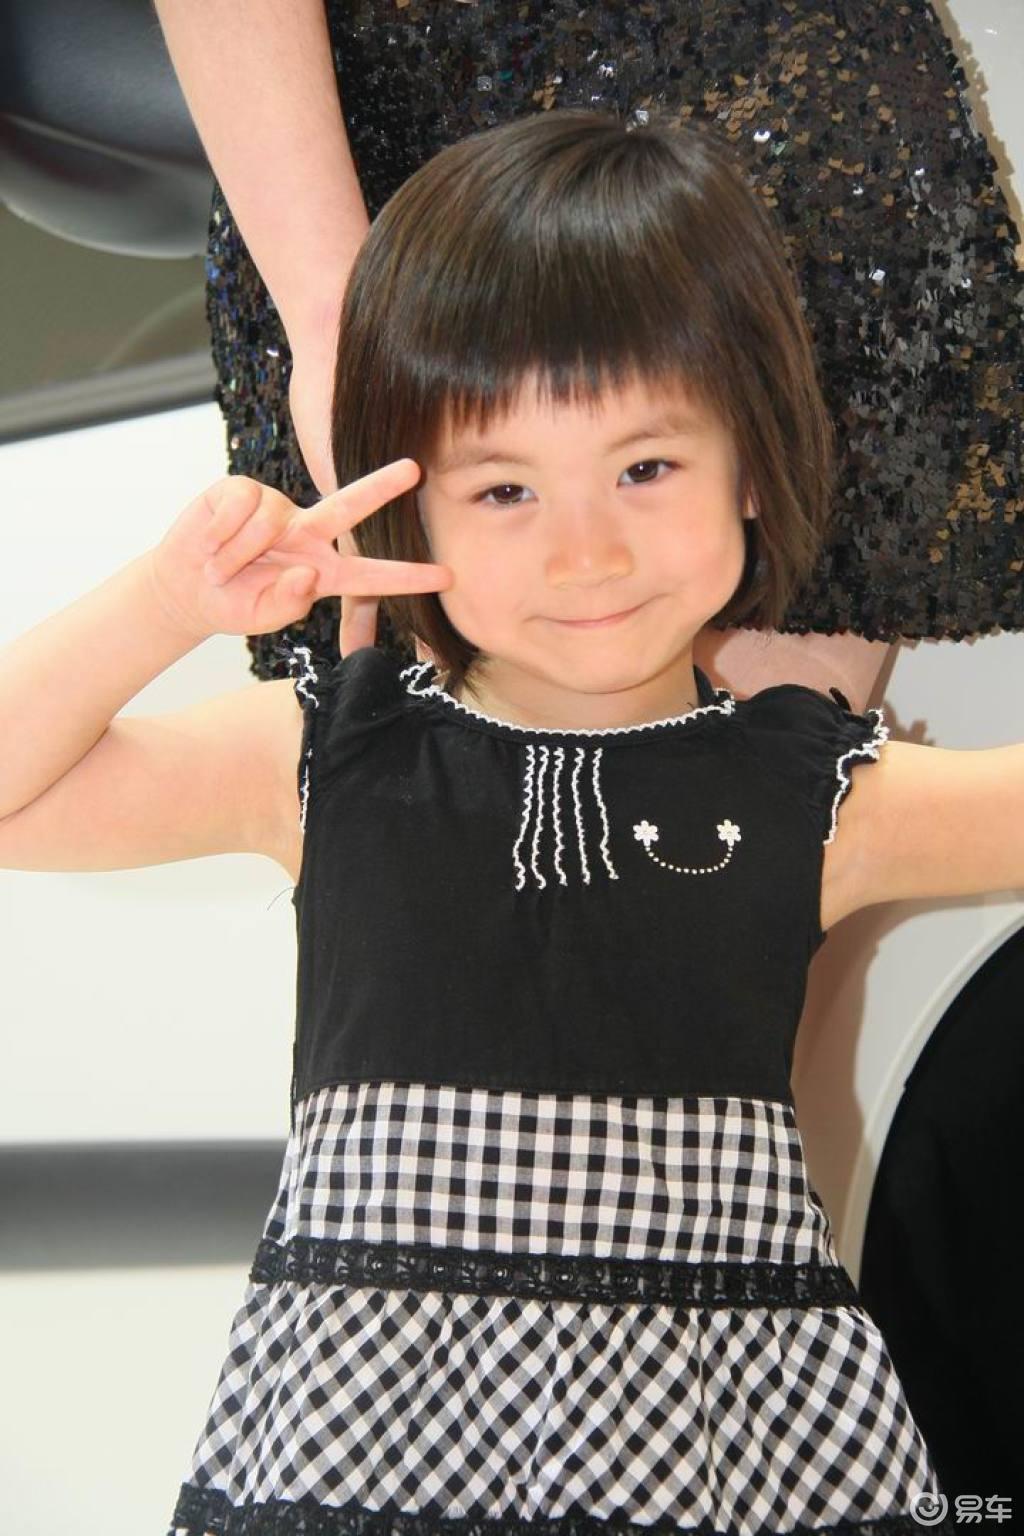 【超可爱小模特图片】-易车网bitauto.com